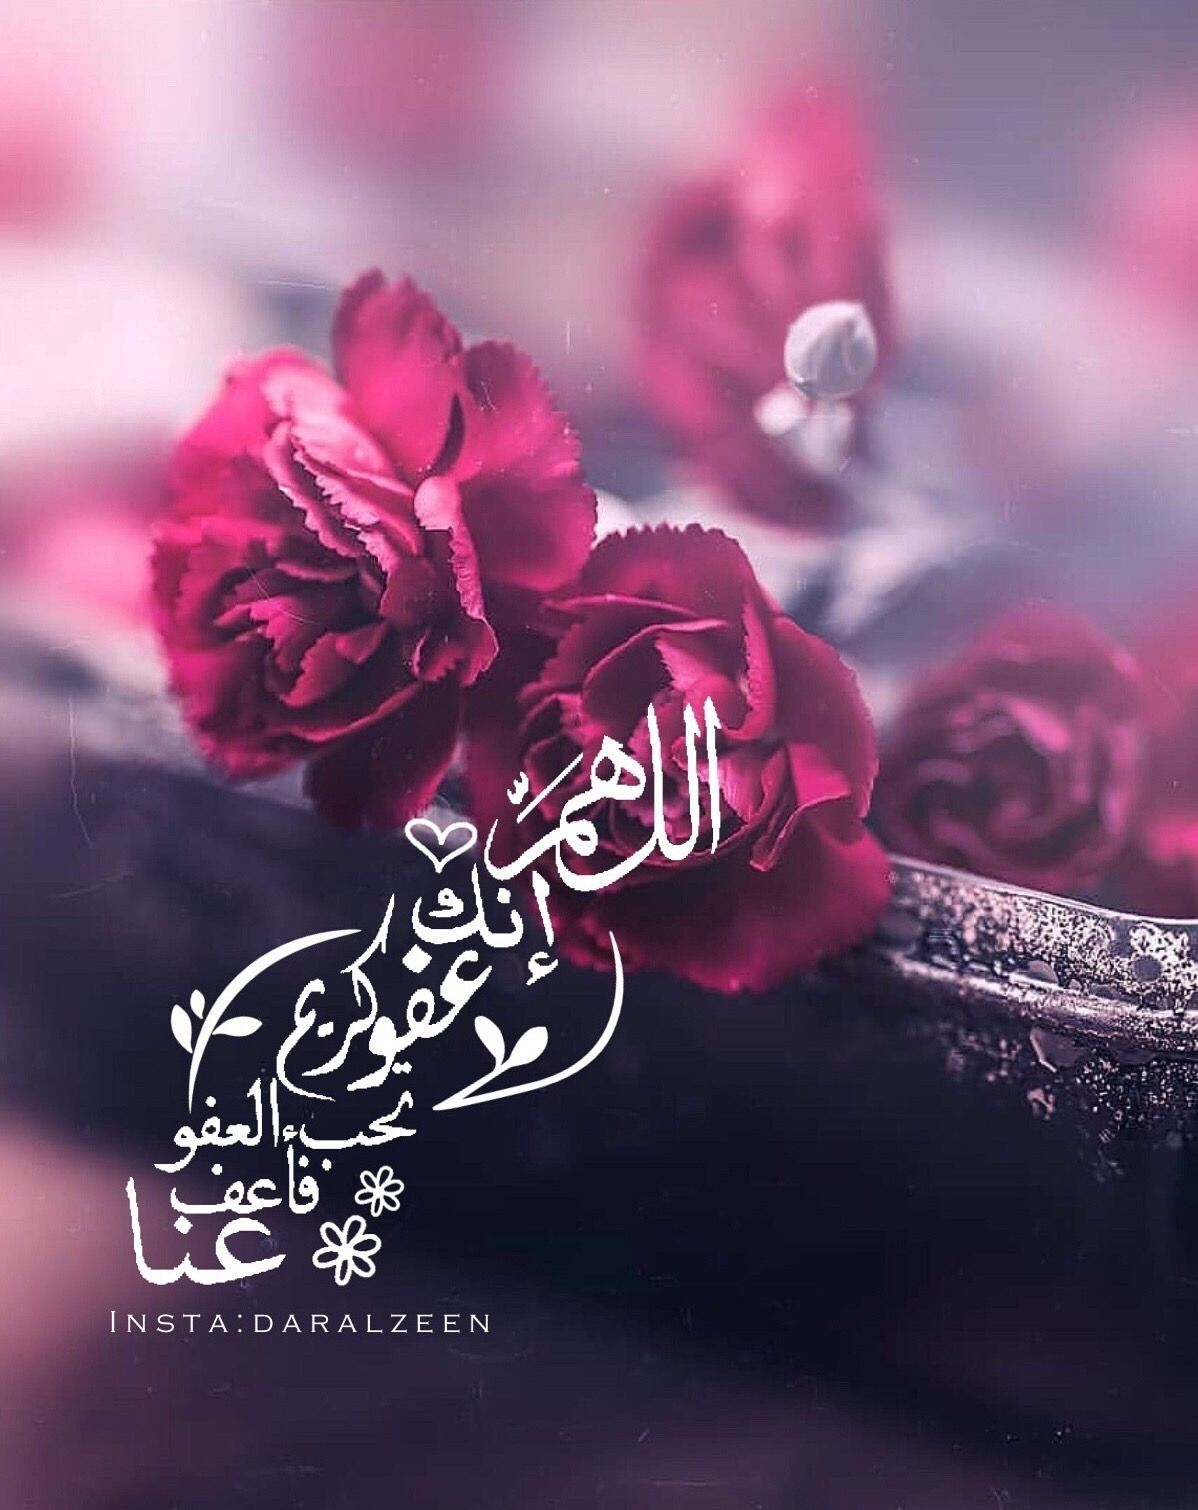 اكثروا من قول الل ه م إ ن ك ع ف و ك ر يم ت ح ب ال ع ف و ف اع ف ع ن ا رمضان Islamic Art Calligraphy Islamic Love Quotes Baby Boy Cards